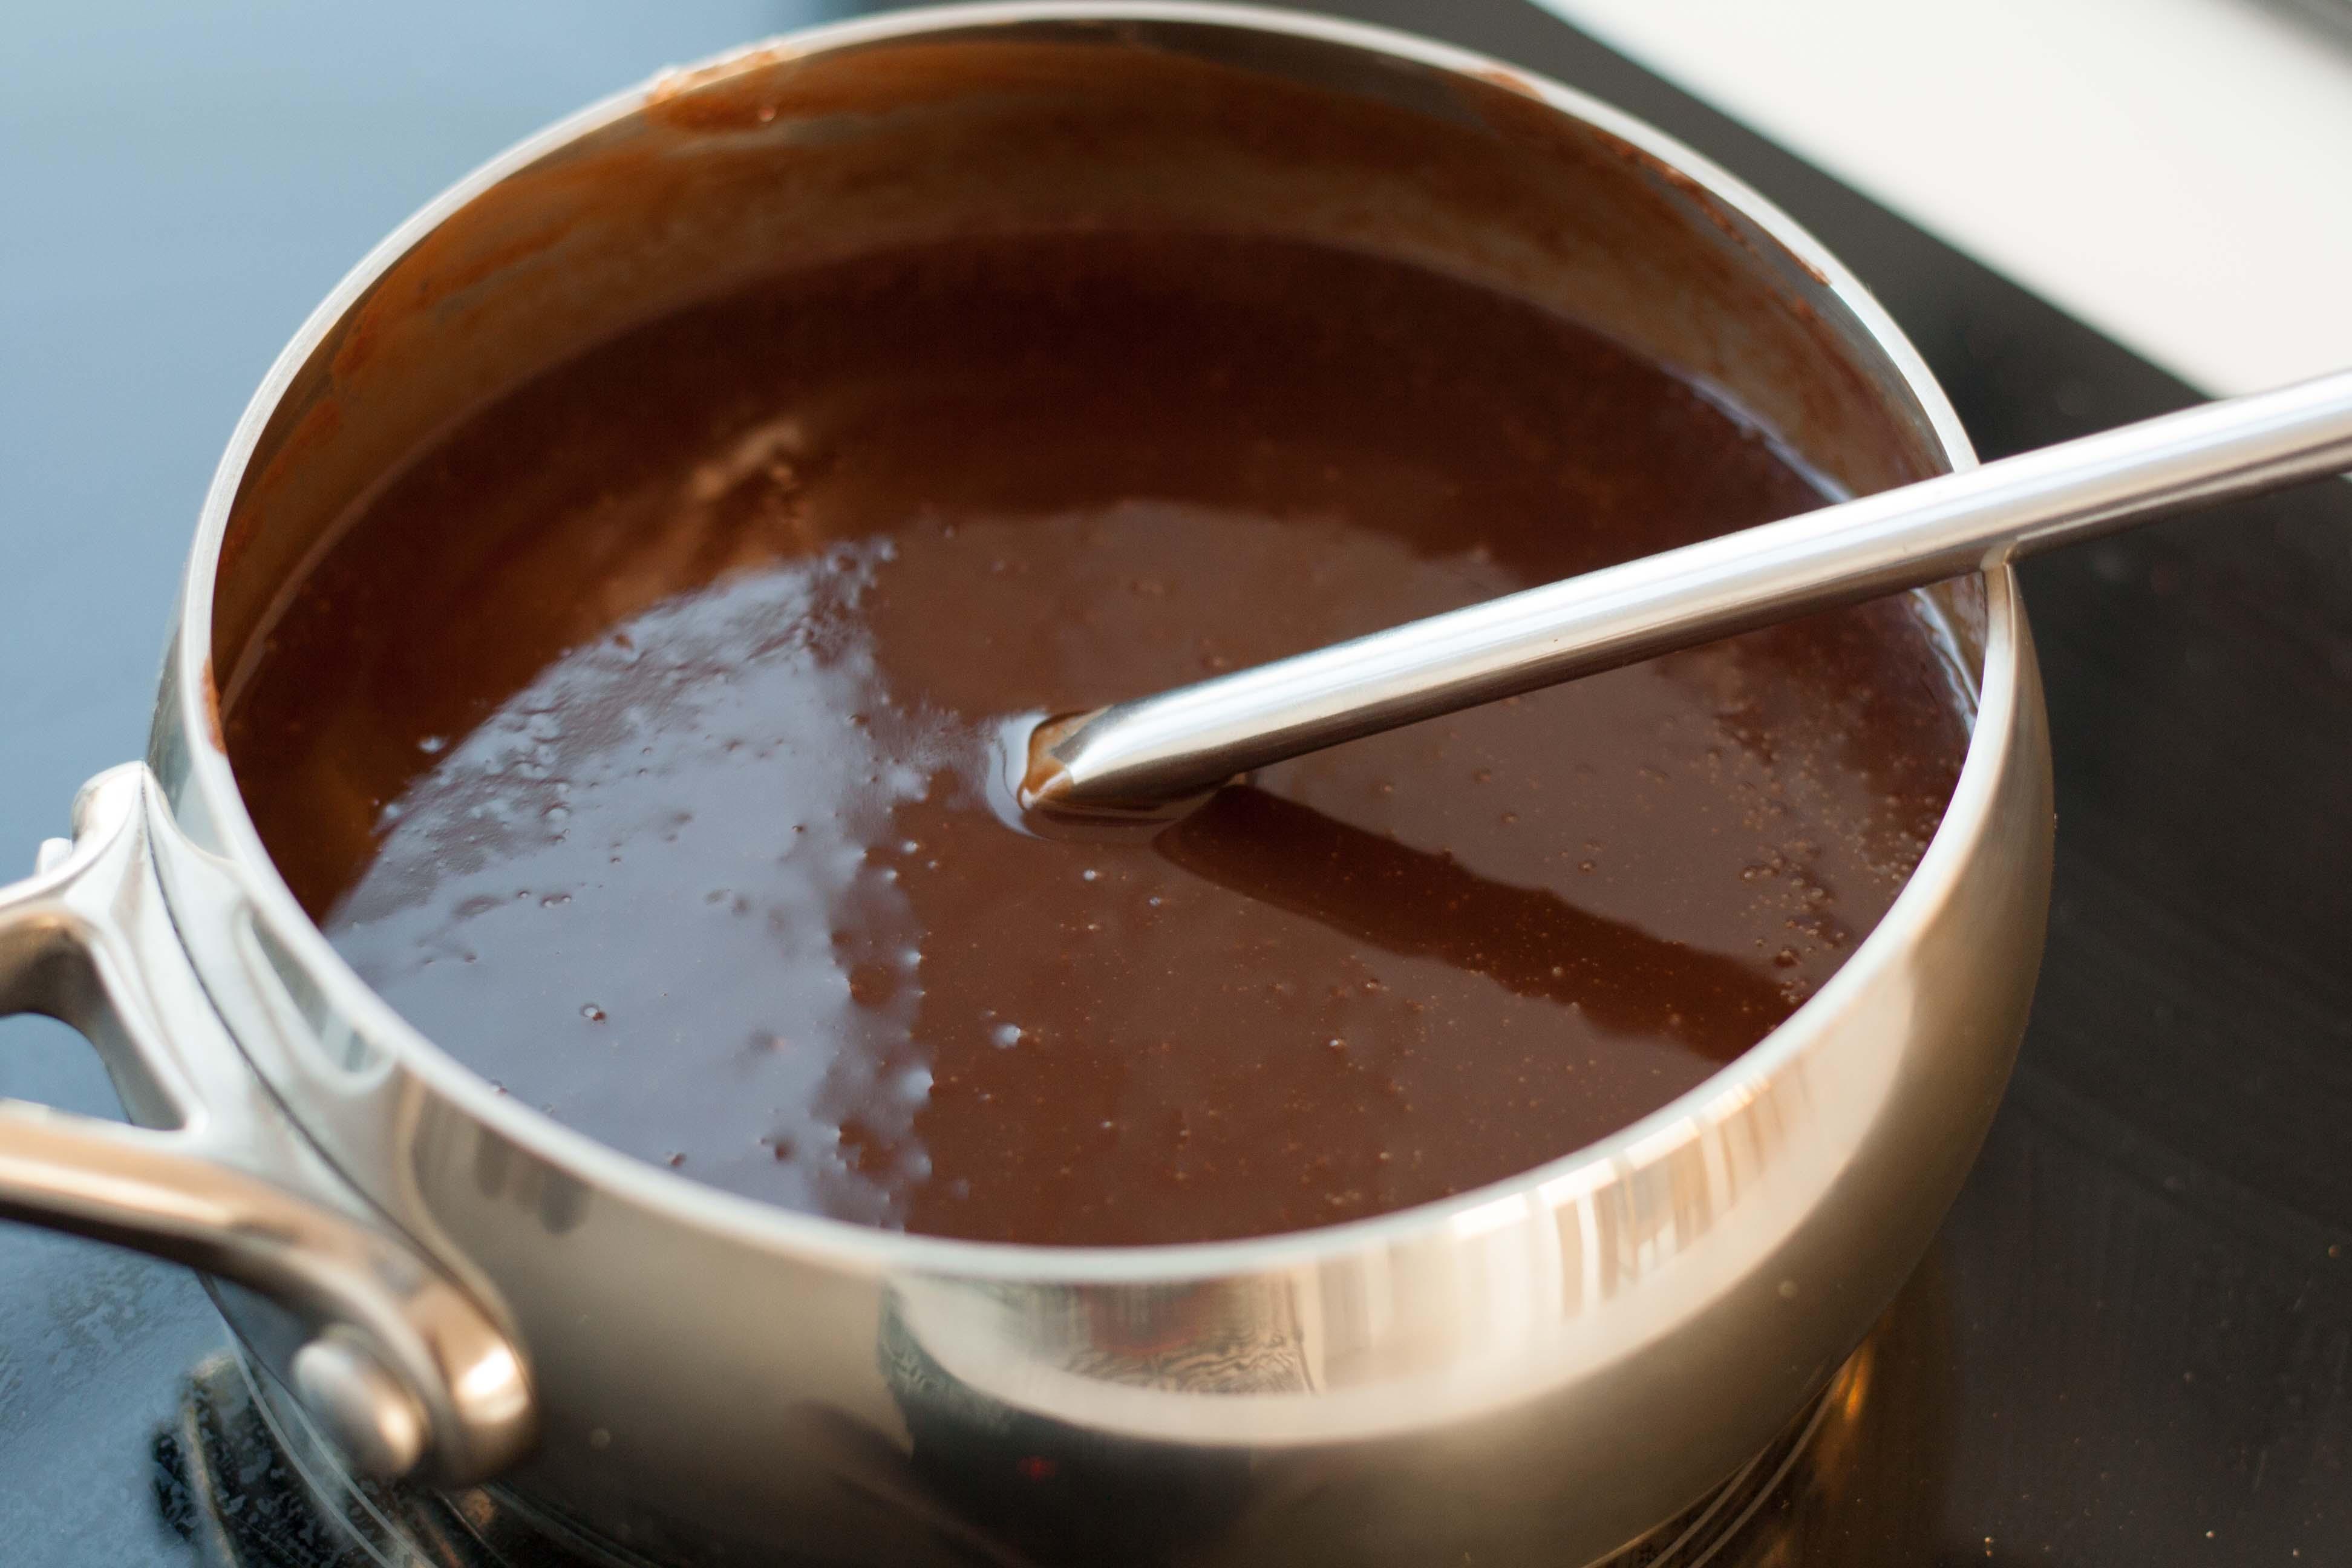 Opskrift på lækker Chokolade/nougatkage med hele hasselnødder